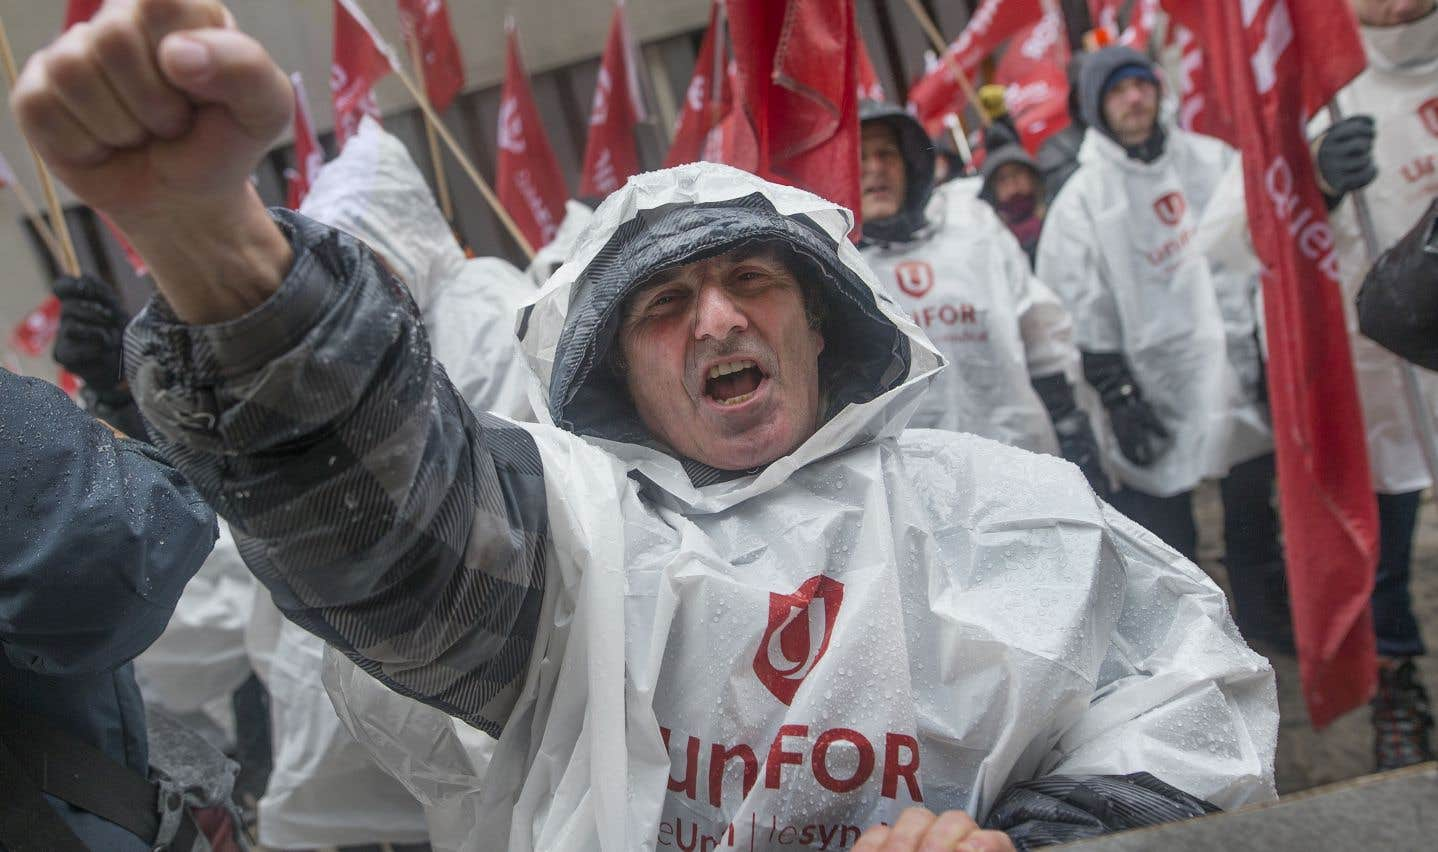 Une centaine de membres du syndicat Unifor sont venus manifester leur appui, mardi à Montréal, aux demandes du camp canadien pour un nouvel ALENA plus progressiste.